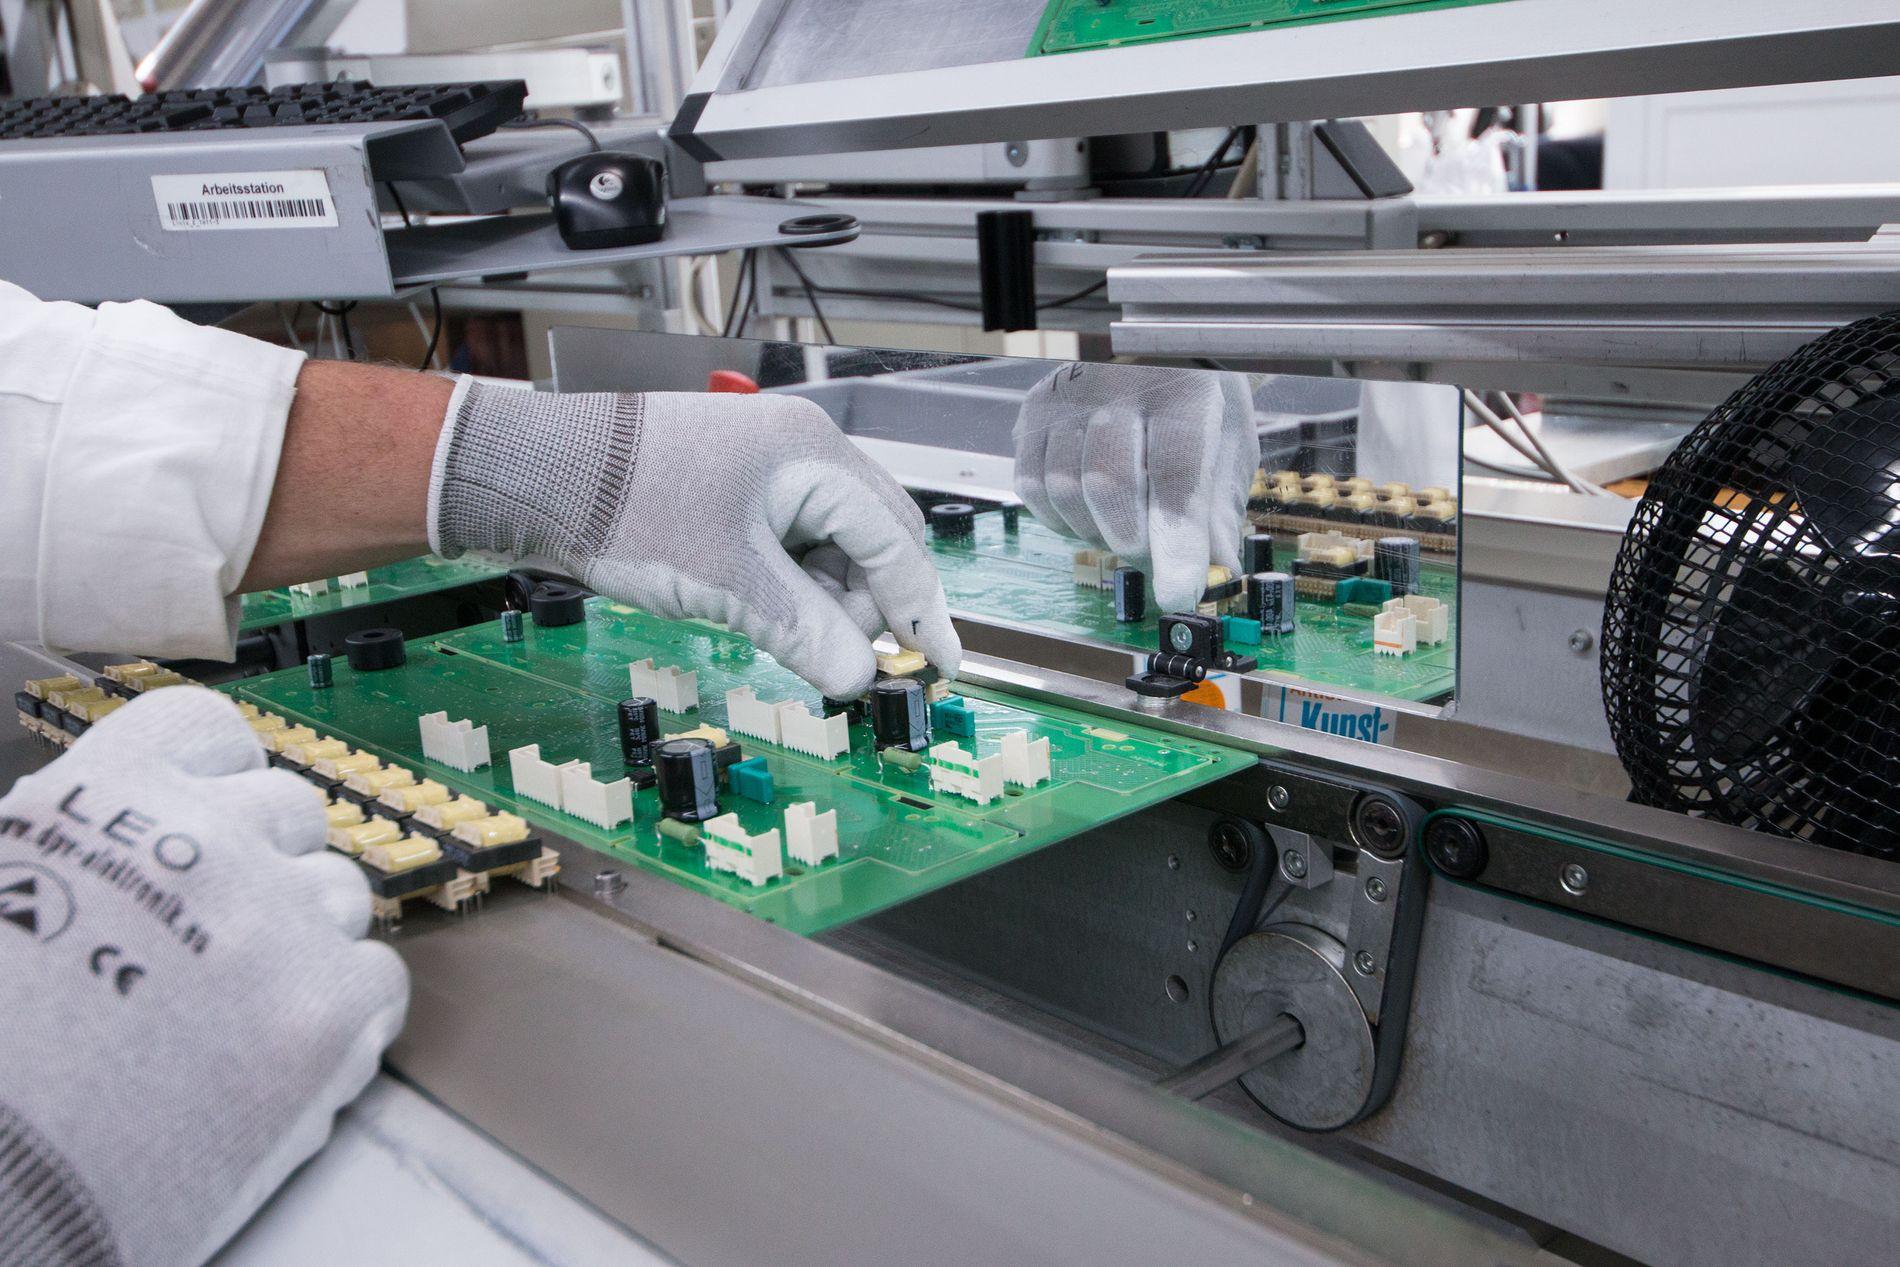 Elektronikken inne i maskinen gir gode muligheter for avansert analyse av programmene, og til innhenting av informasjon før vasken startes.